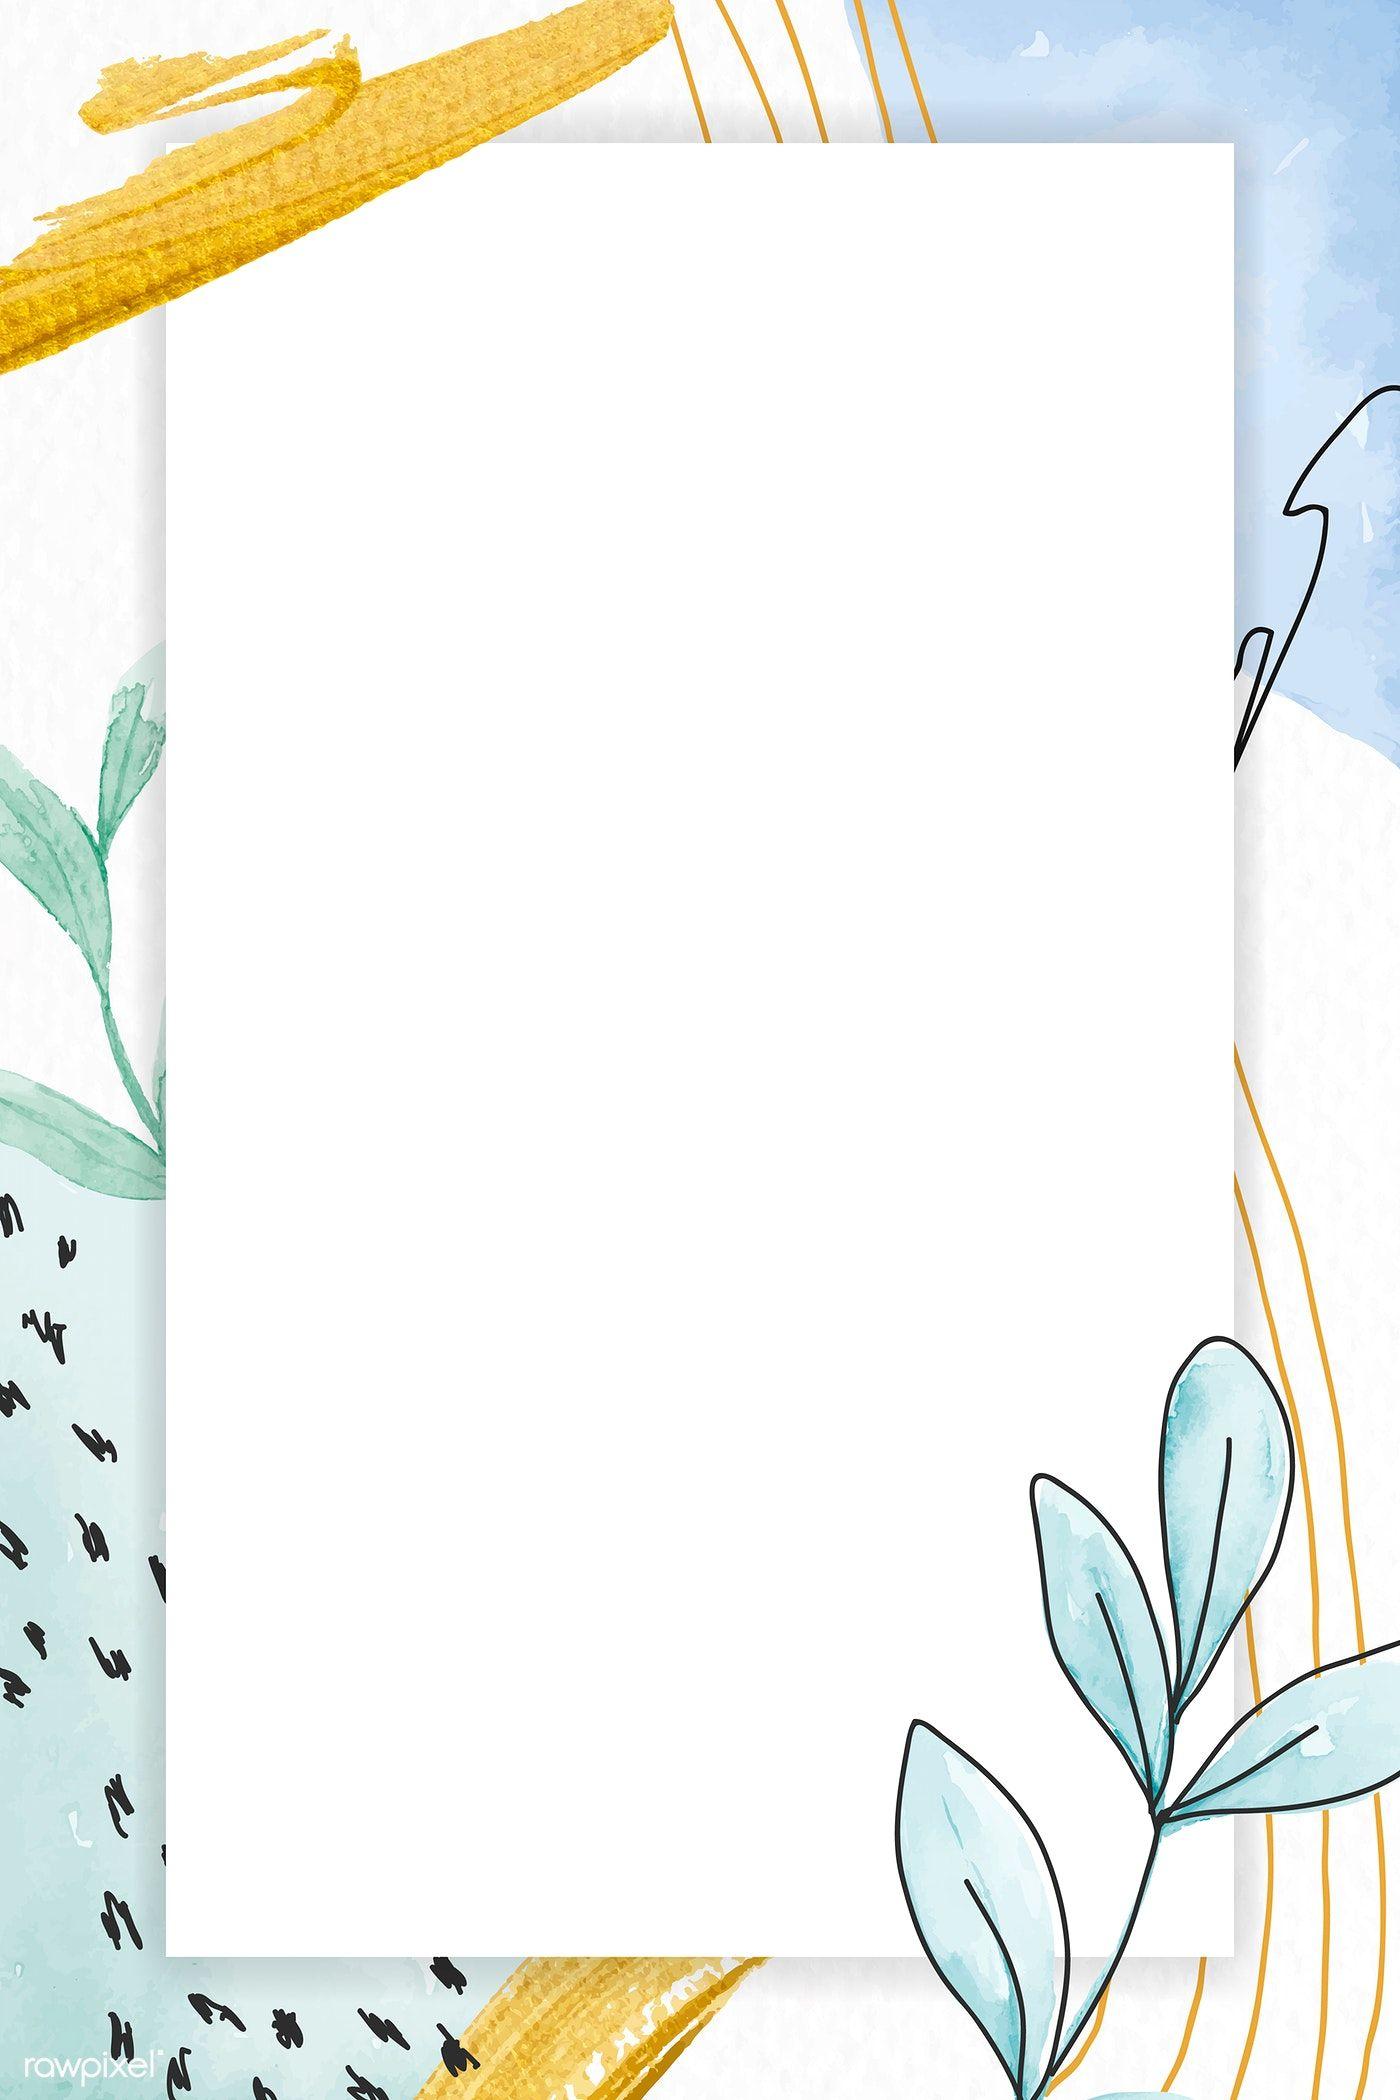 خلفية من اجمل جمال In 2021 Oneplus Wallpapers Abstract Wallpaper Backgrounds Abstract Wallpaper